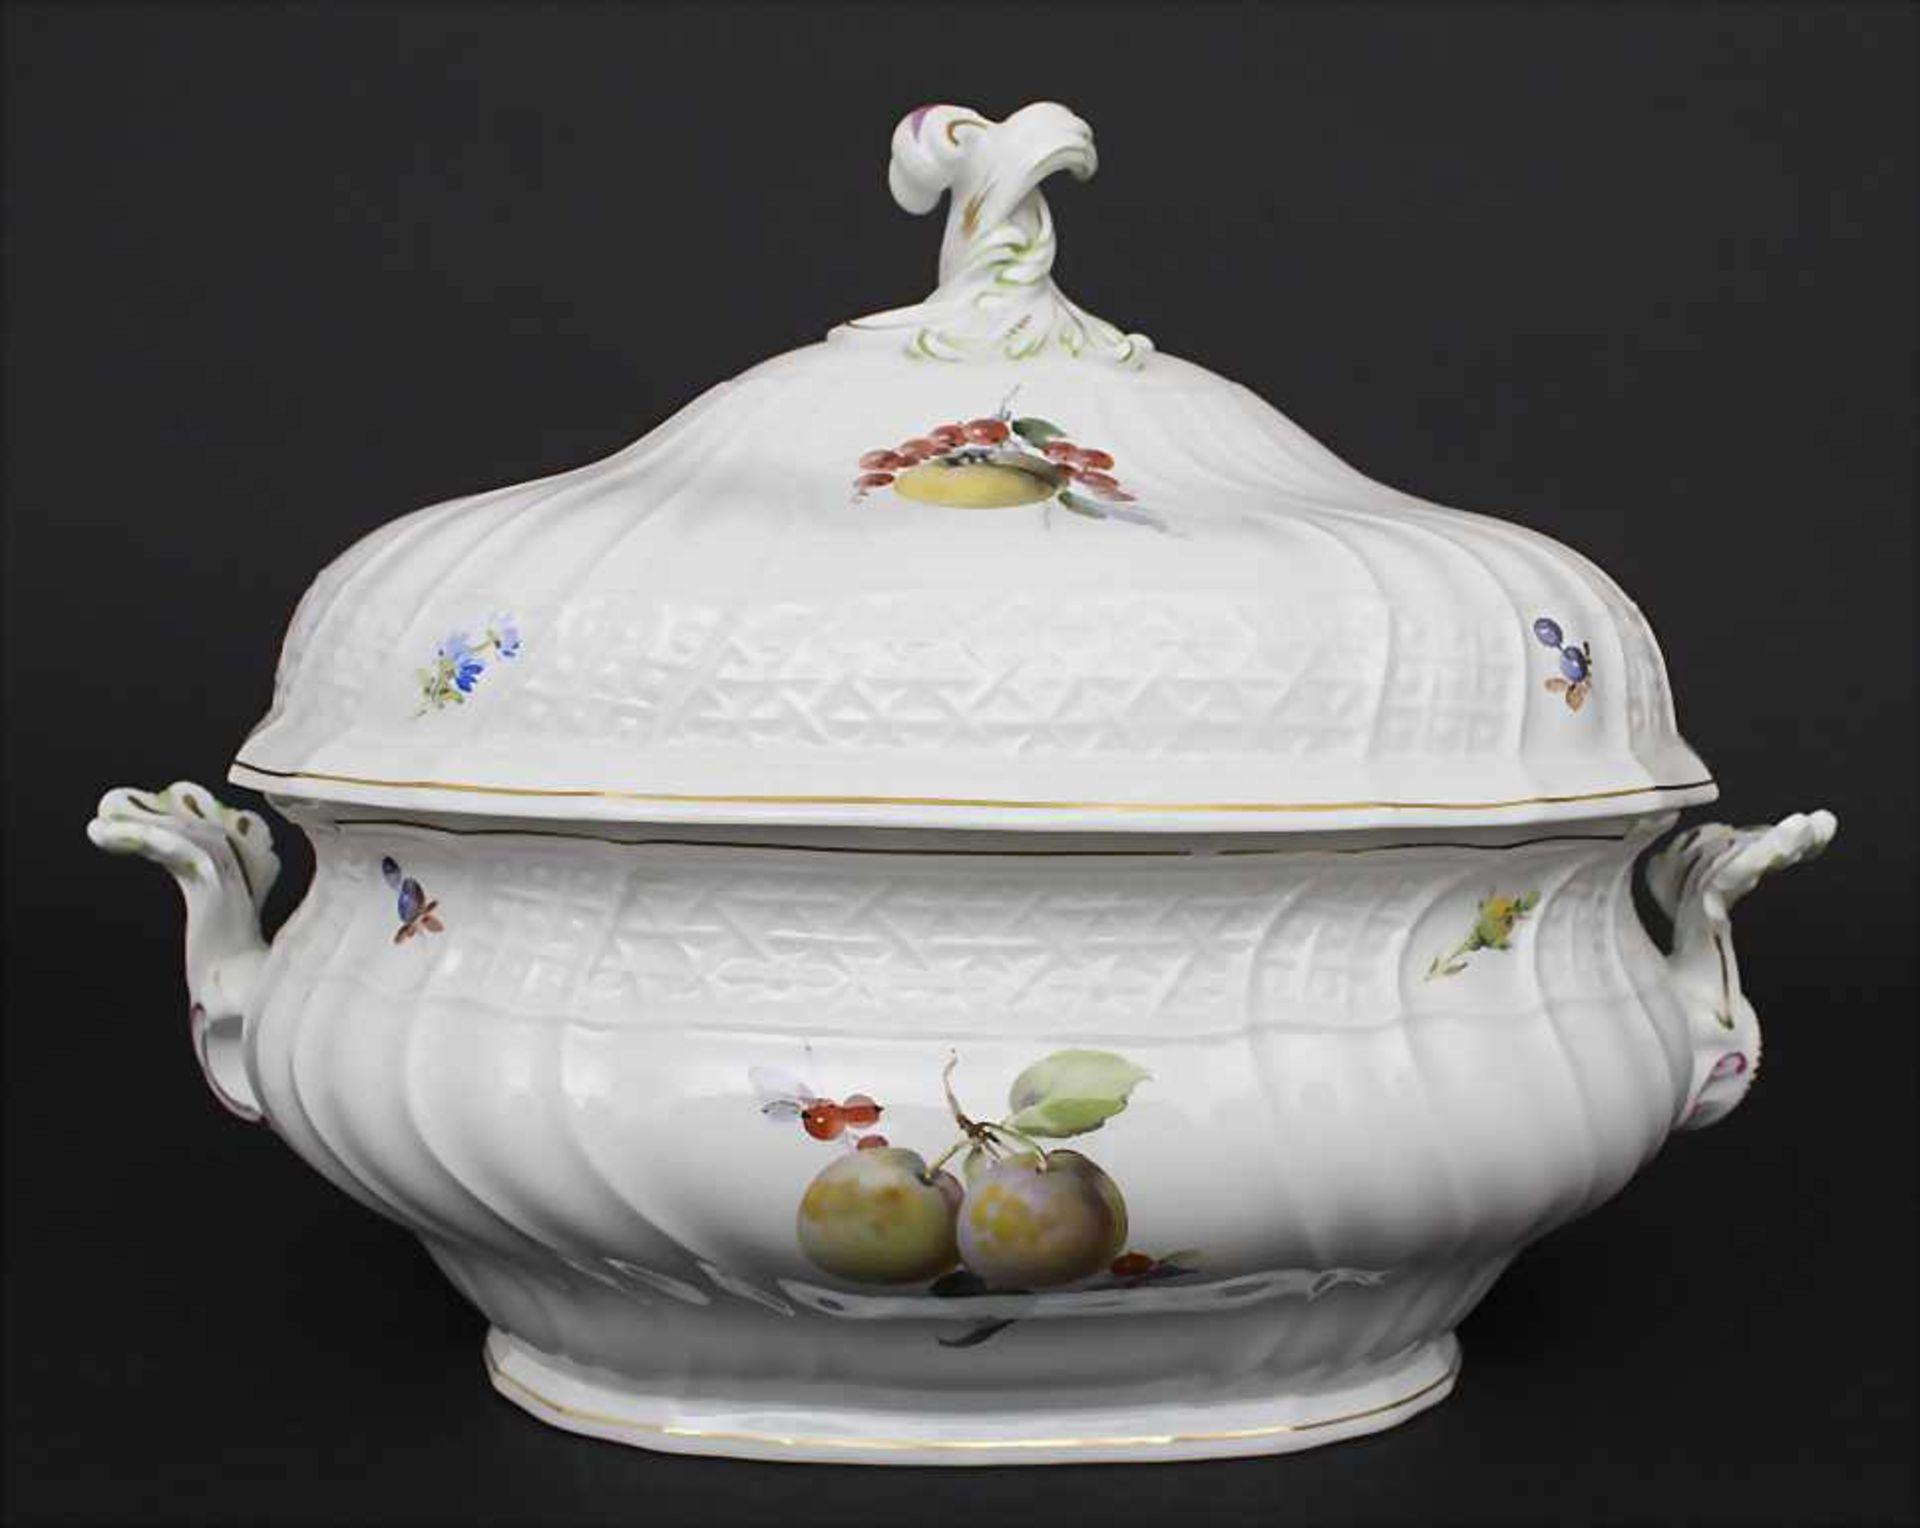 Große ovale Deckelterrine und Gemüseplatte mit Früchtemalerei / An oval covered tureen and serving - Bild 5 aus 10